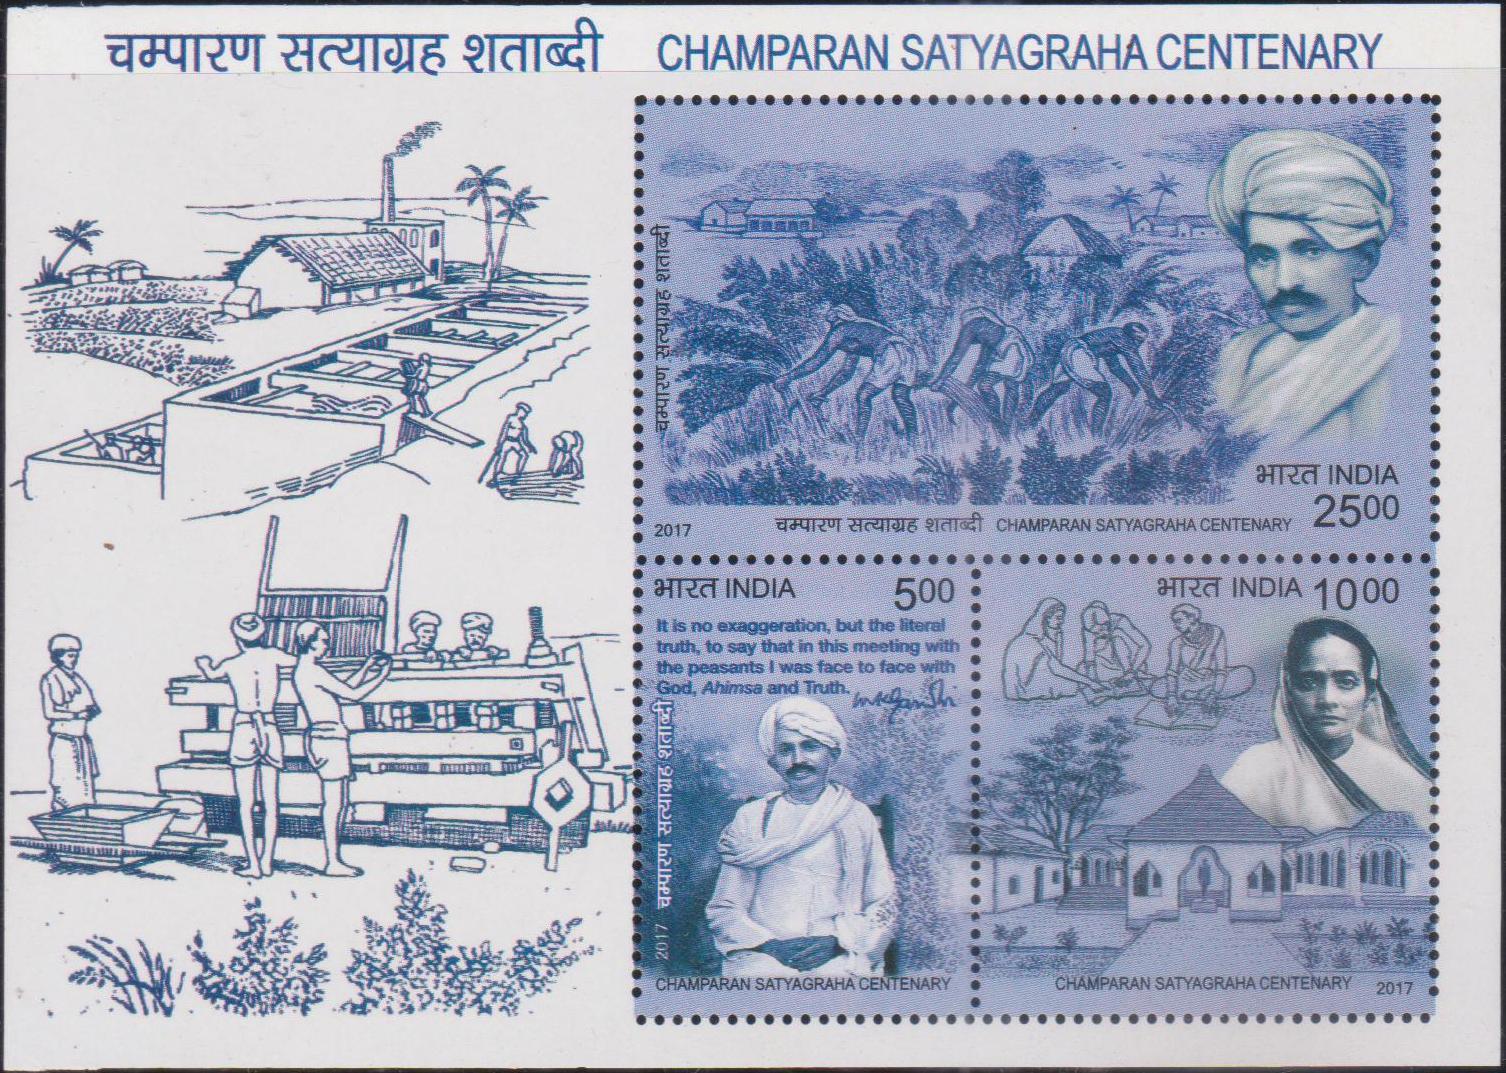 चम्पारण सत्याग्रह (Indigo plantation) : महात्मा गांधी और कस्तूरबा गांधी